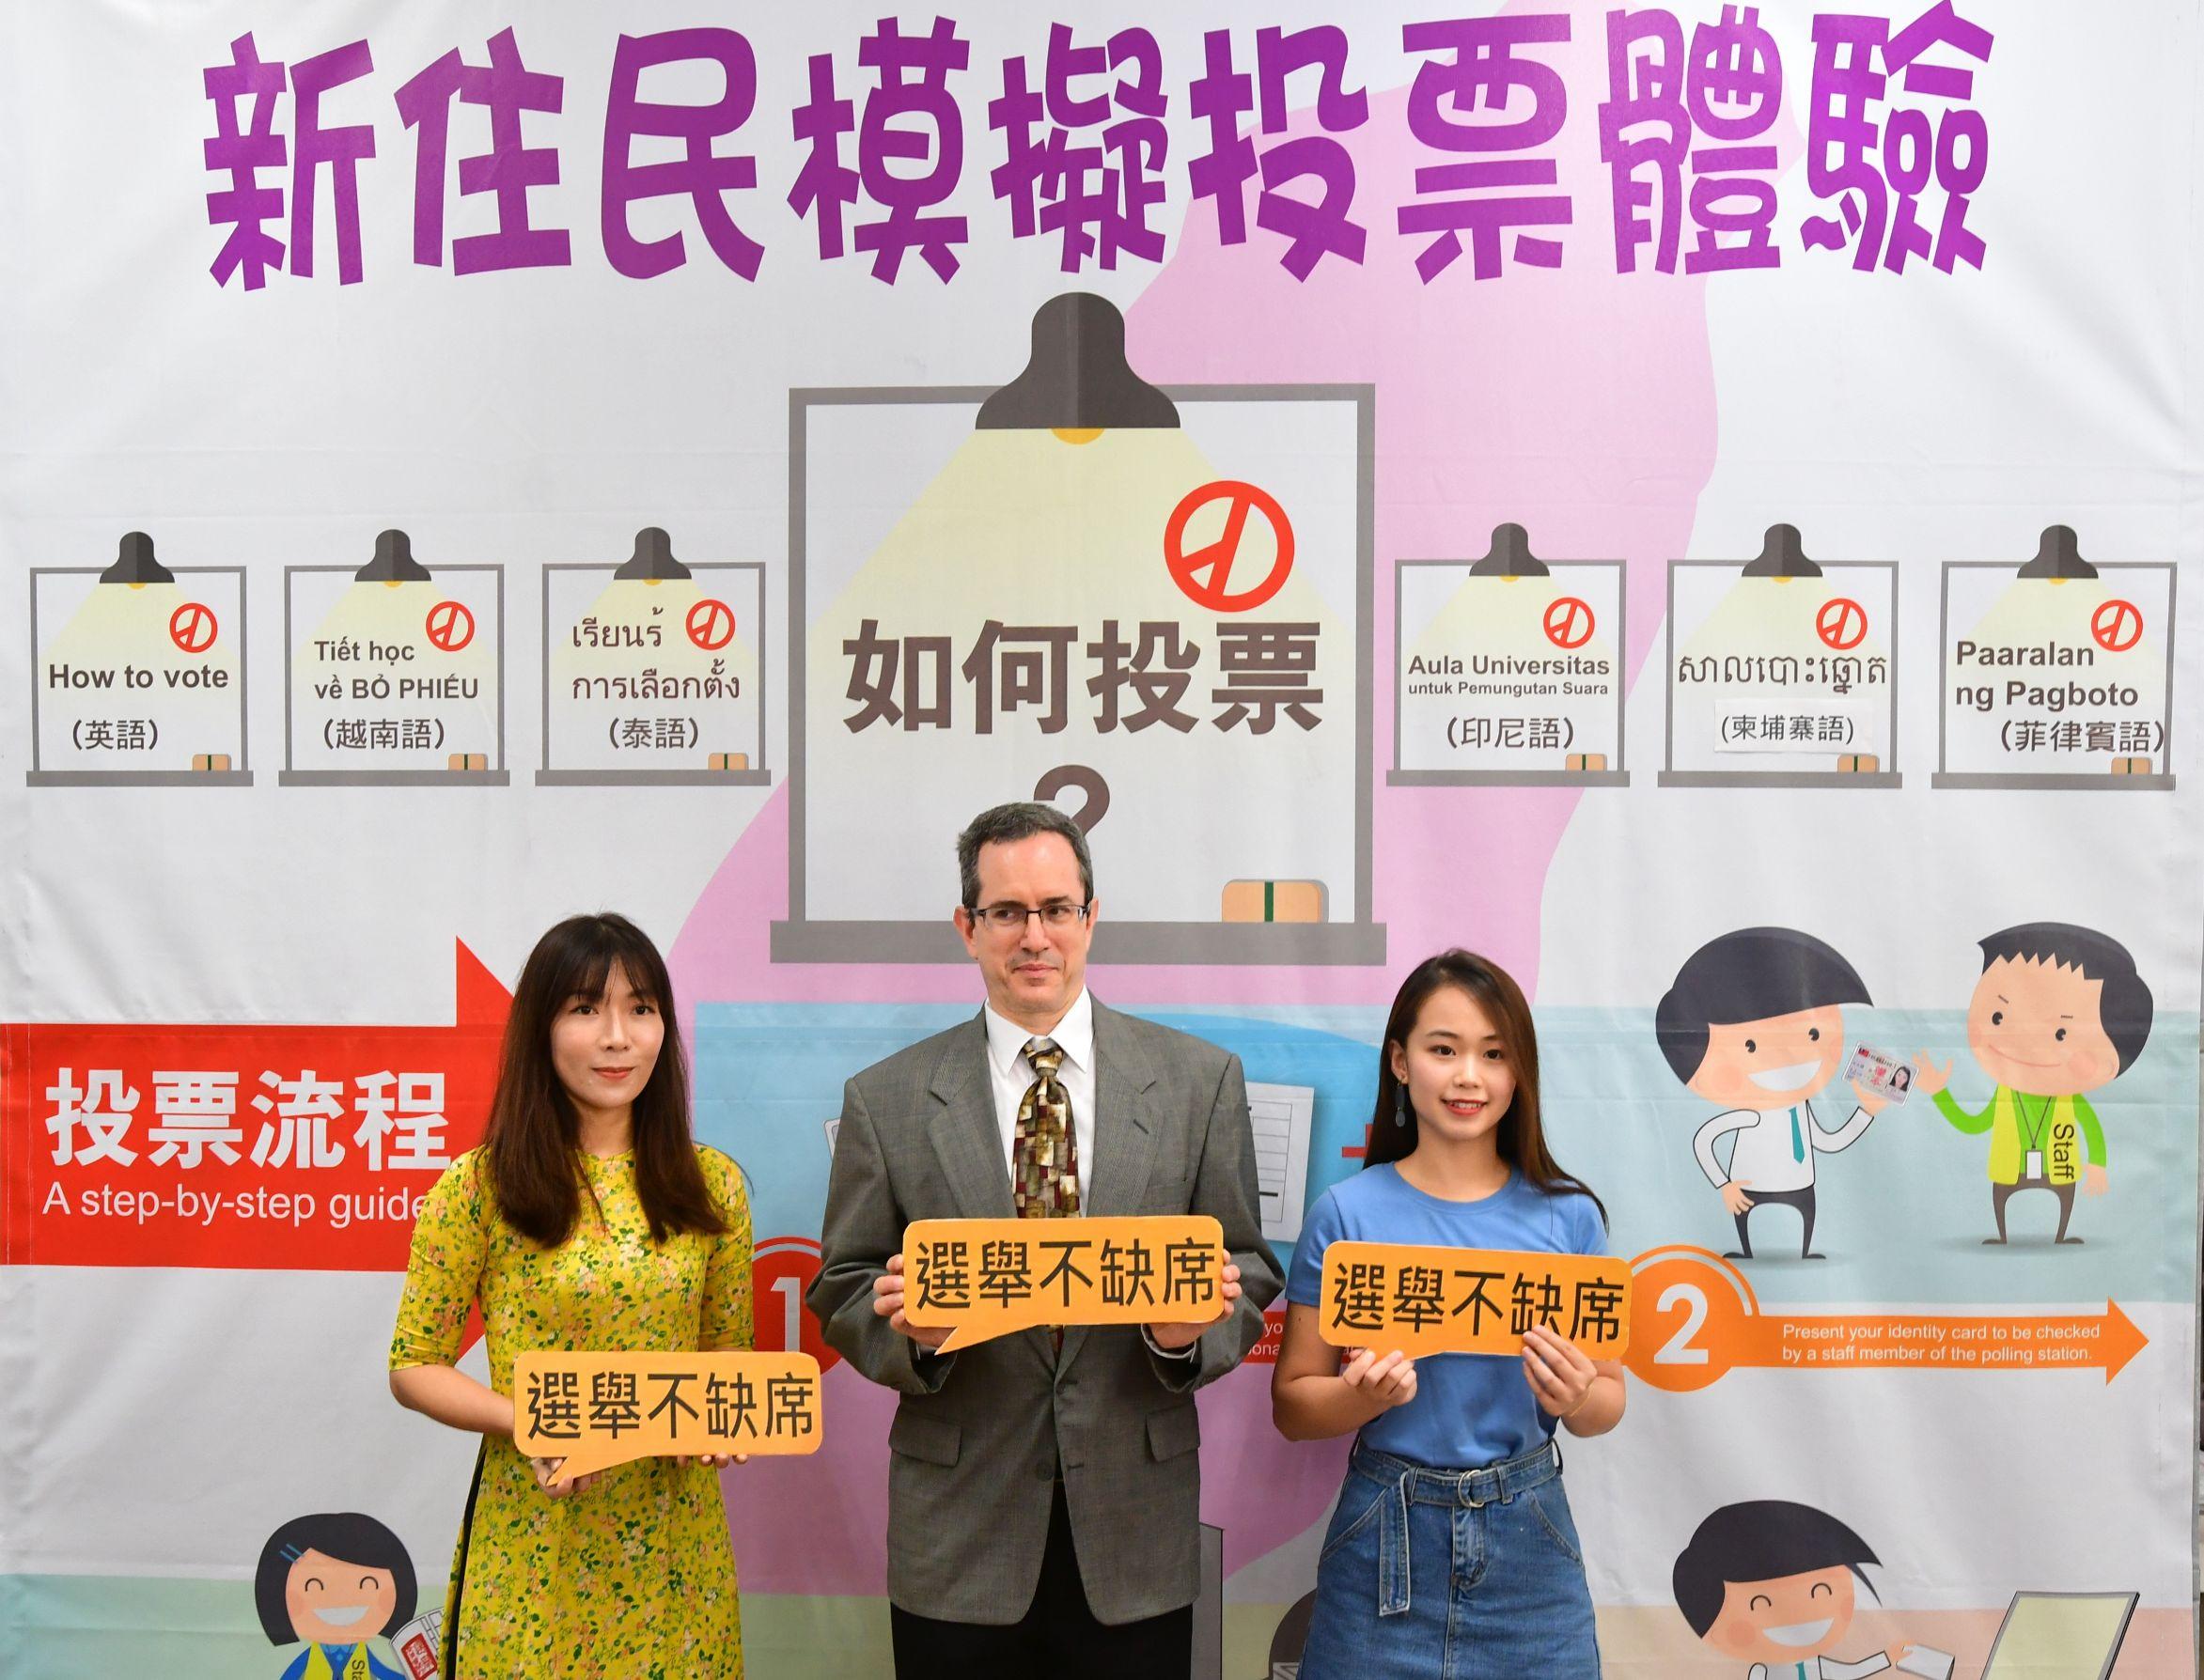 新住民代表陳玉水(左)、余文生(中)及陳金玲(右)參加體驗活動